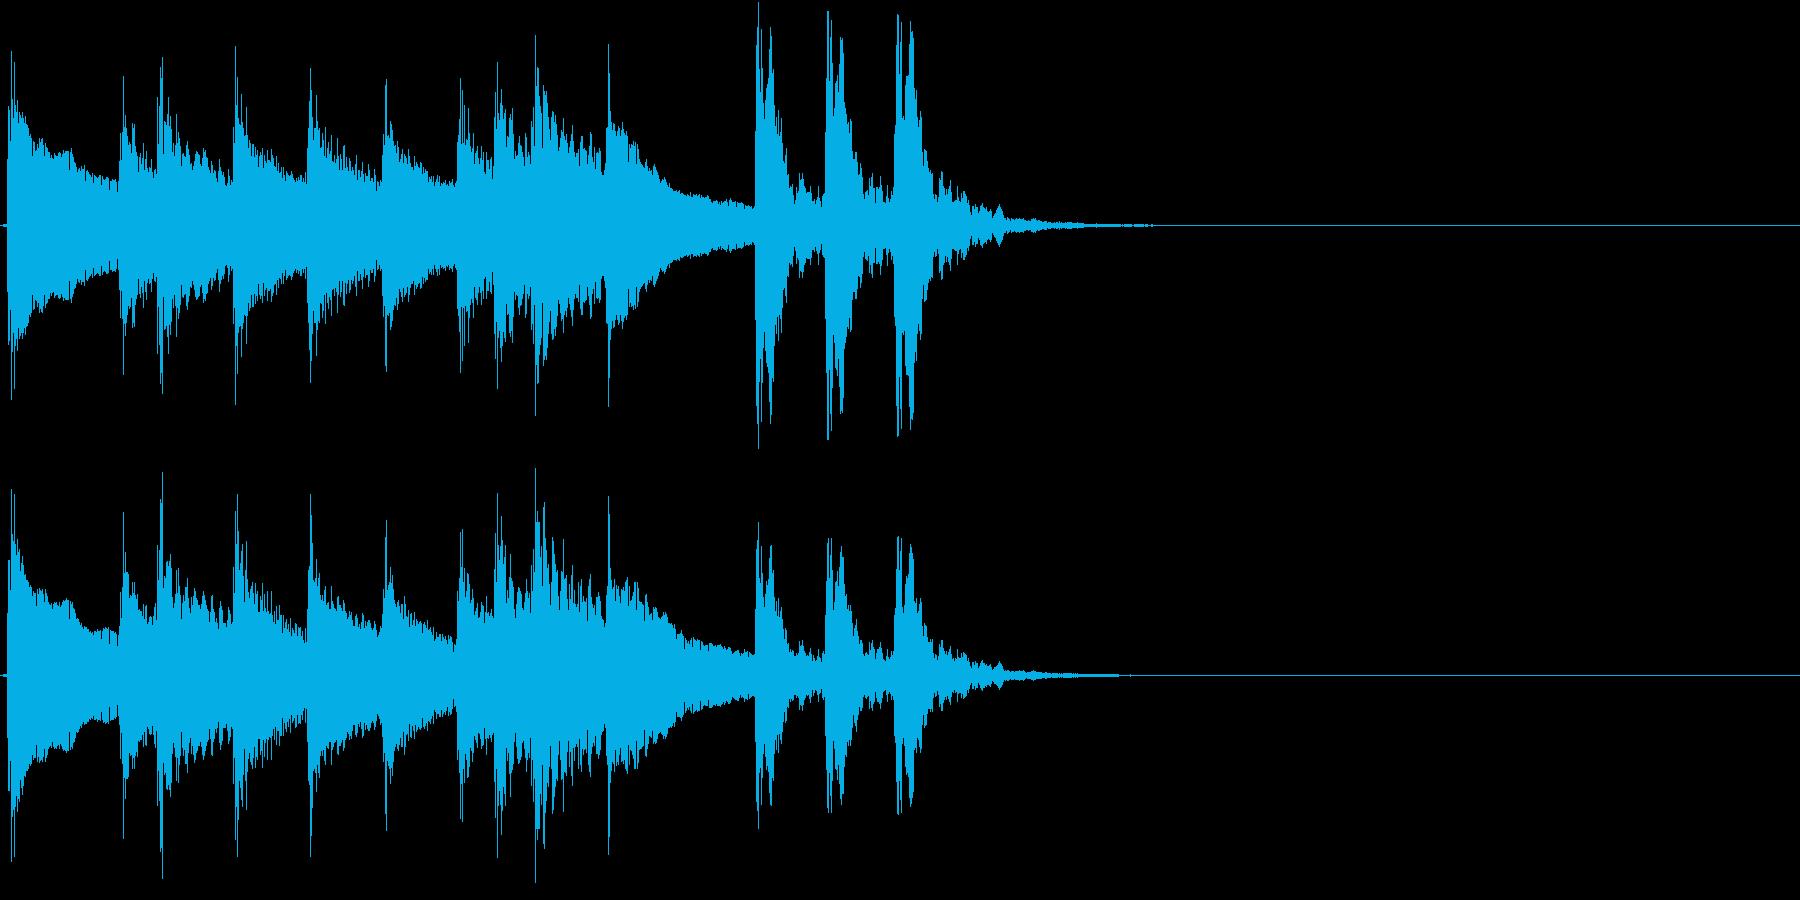 2,和風サウンドロゴ (3秒ロゴ)の再生済みの波形